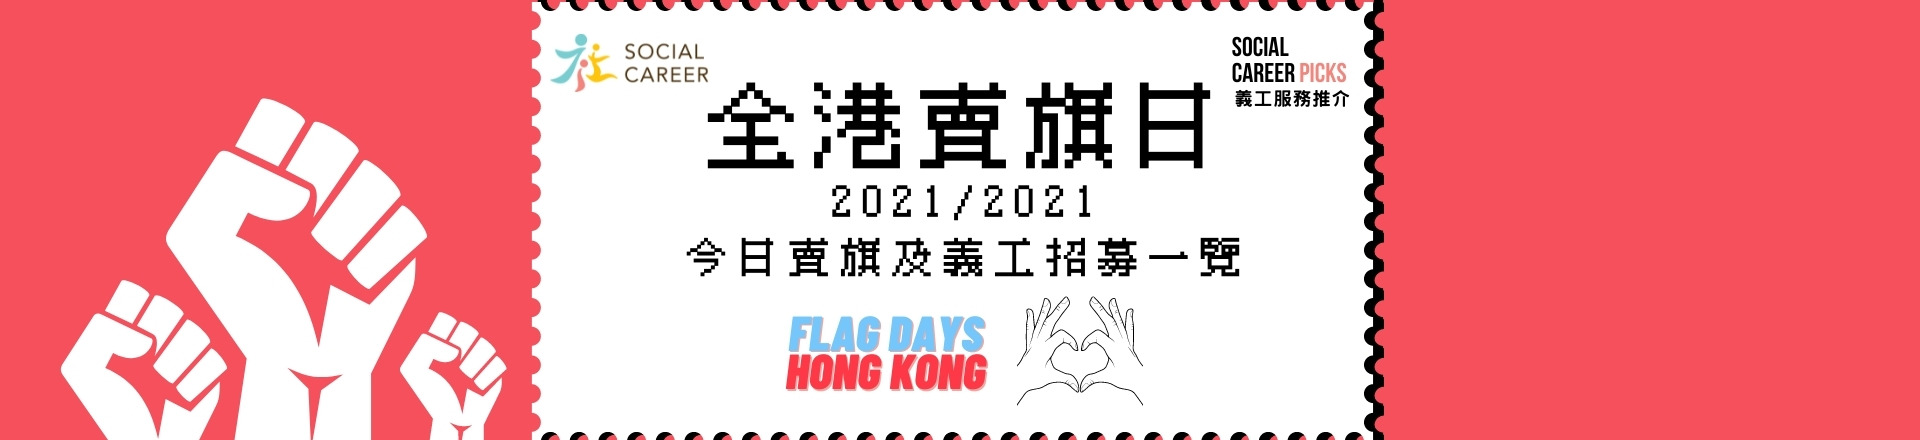 2021/2022全港賣旗日 賣旗機構及義工招募一覽